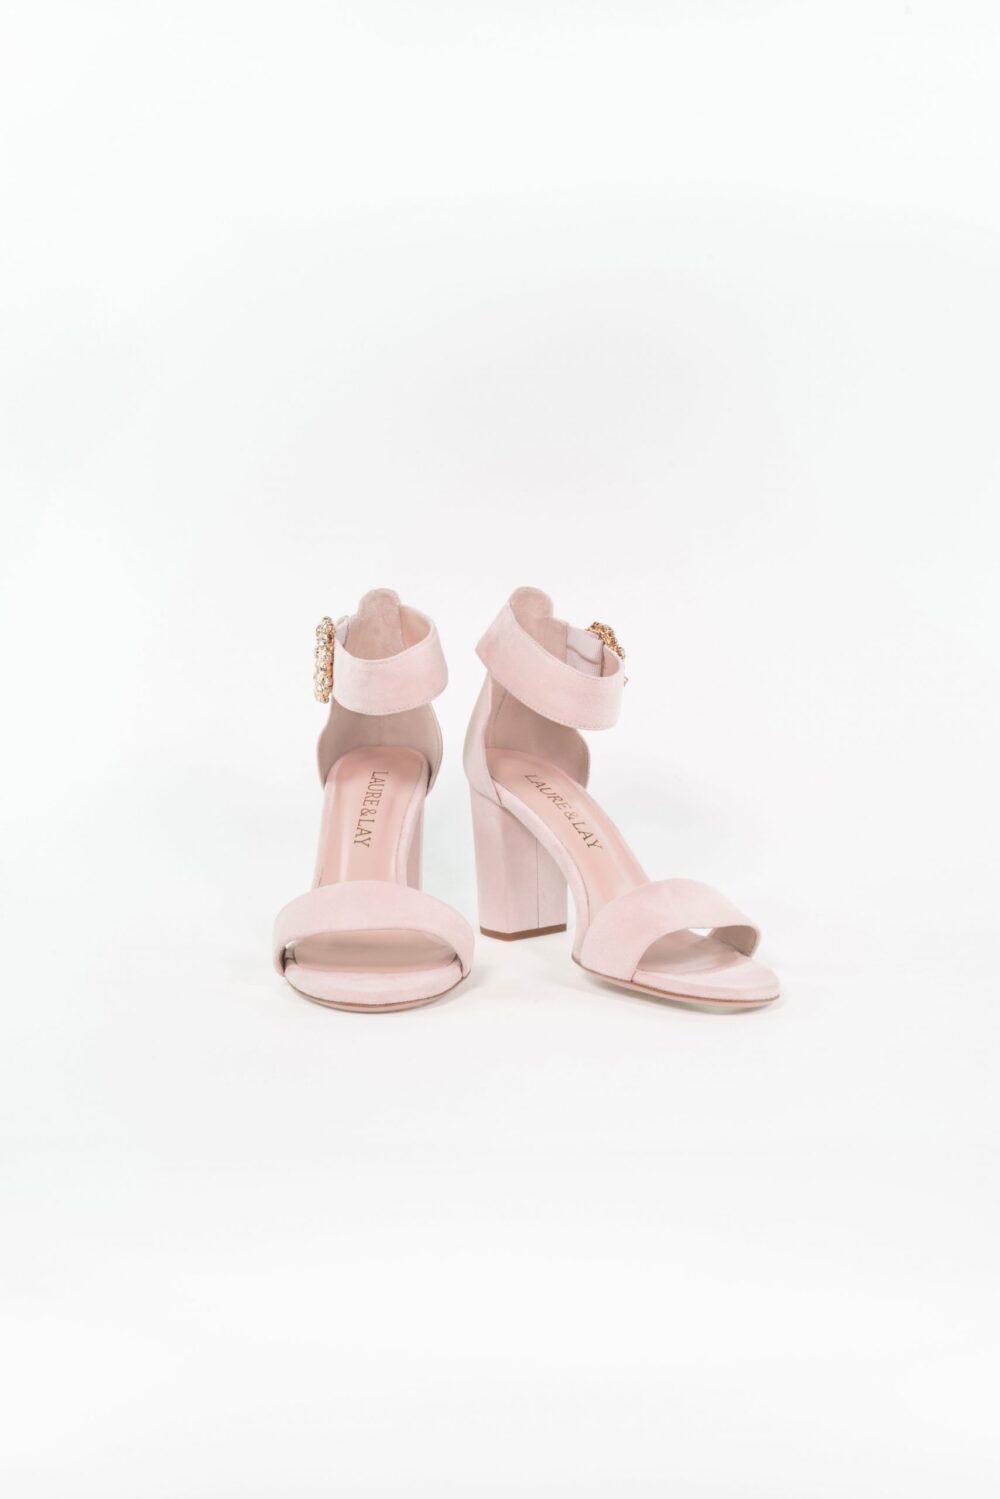 Hochzeitsschuh Sandale Anna Light rose modern elegant